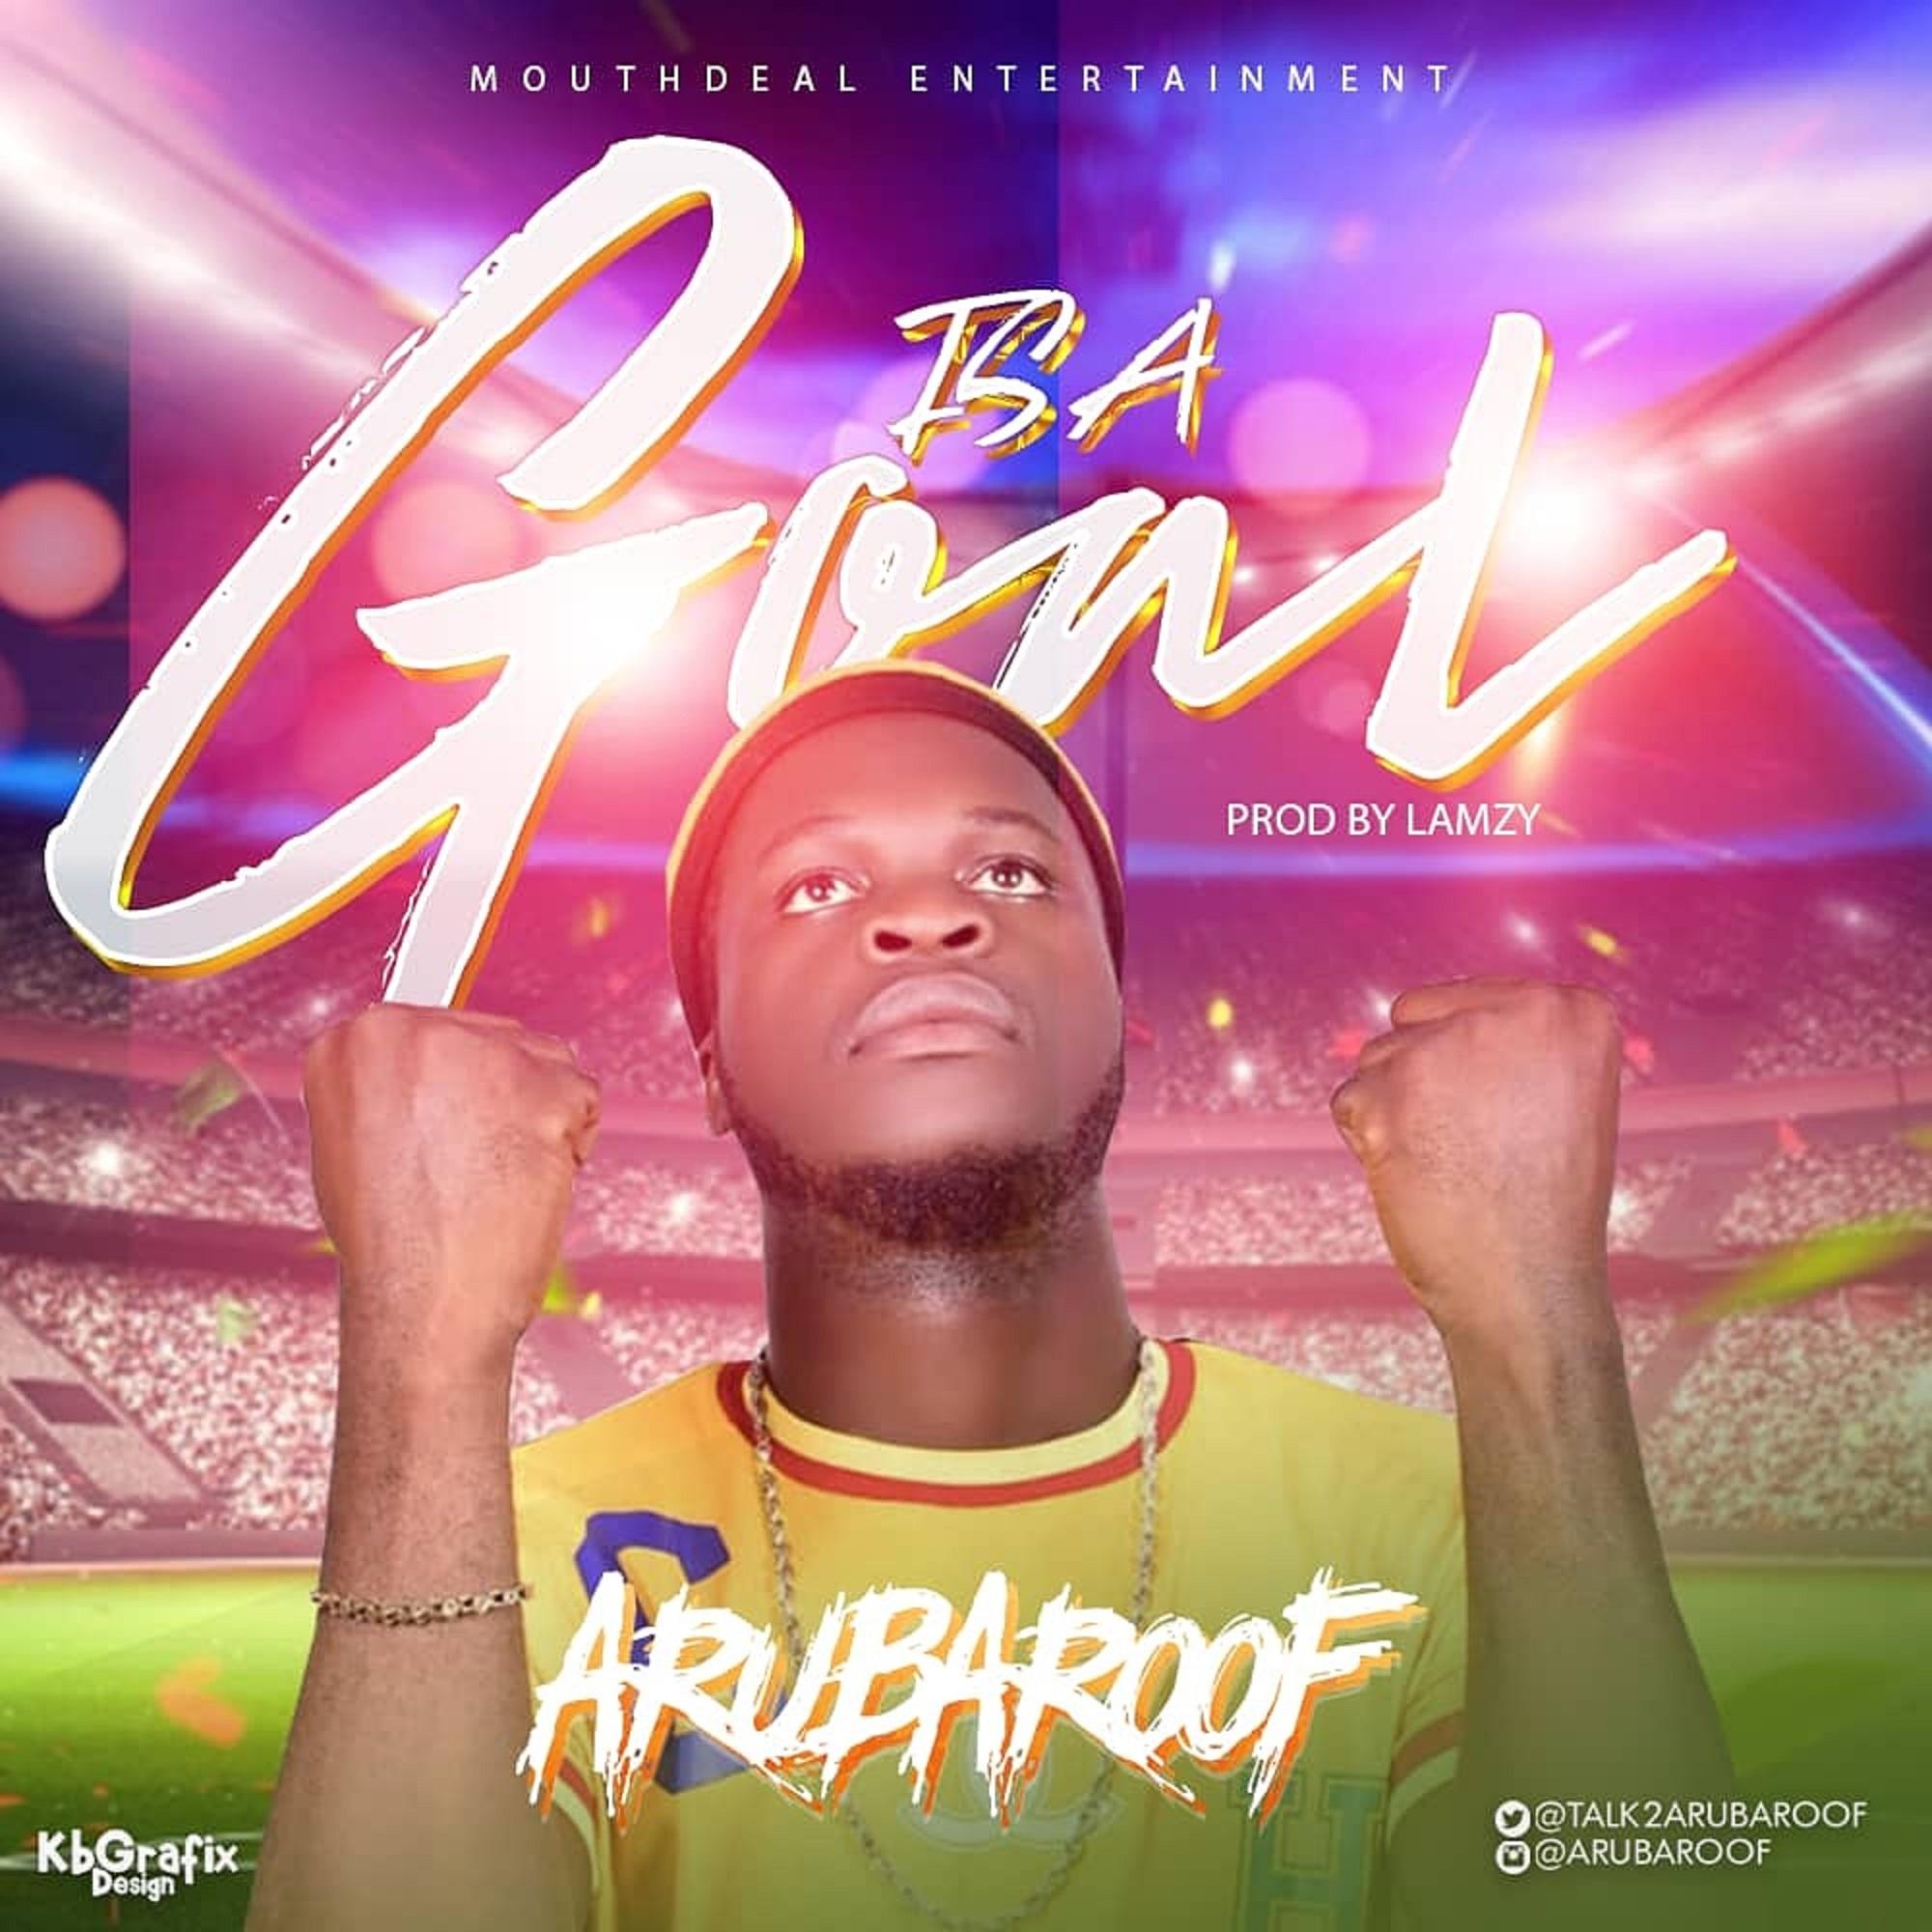 Arubaroof – Is a Goal @Talk2arubaroof @basebabaonline